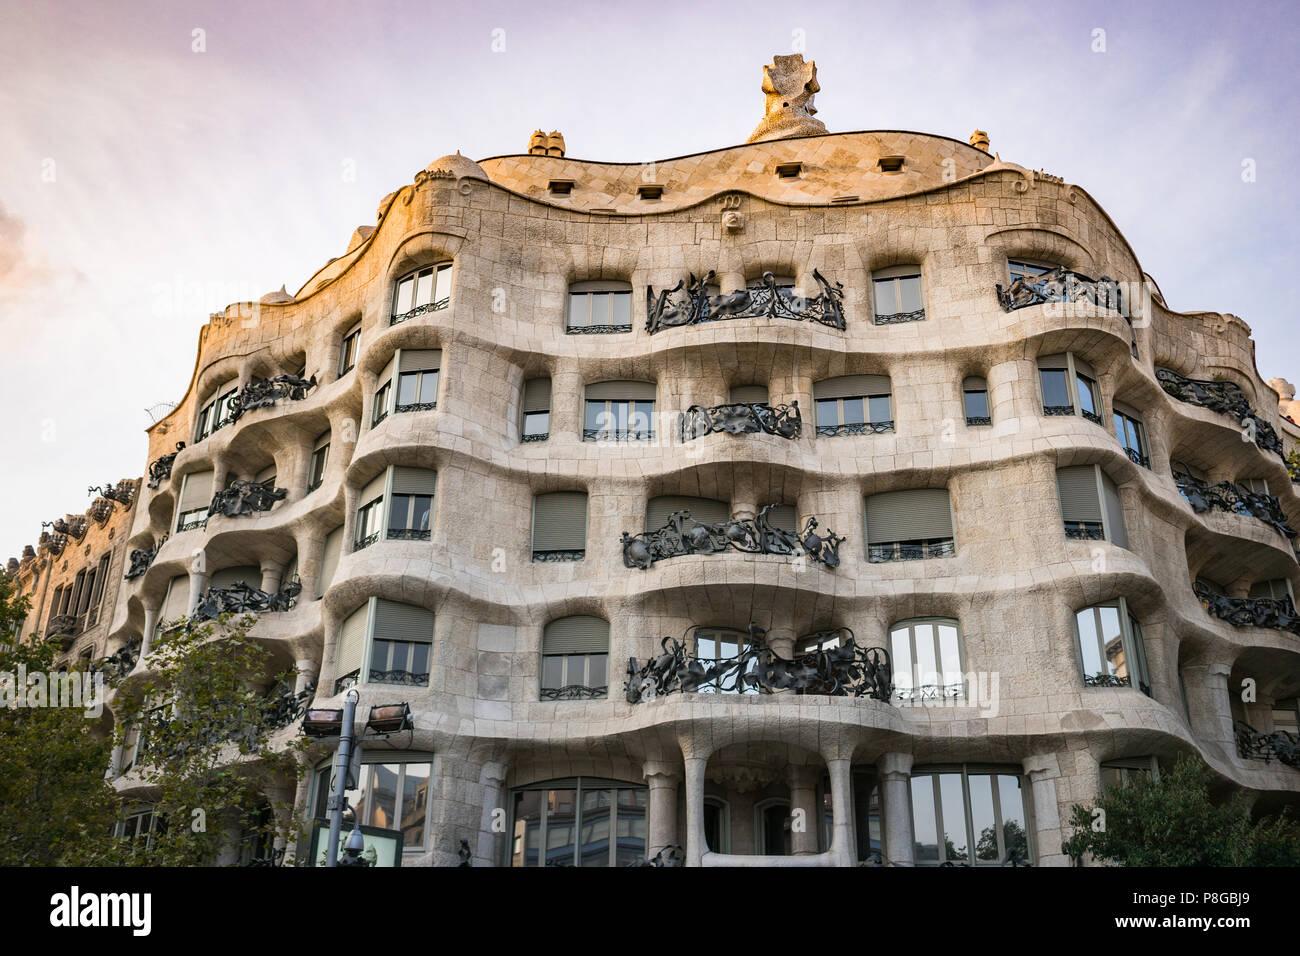 Onde e scultoree e i dettagli di costruzione di La Pedrera, Casa Mila a Barcellona, Spagna. Architettura ornati, vista da sotto al tramonto, colori vibranti. Immagini Stock